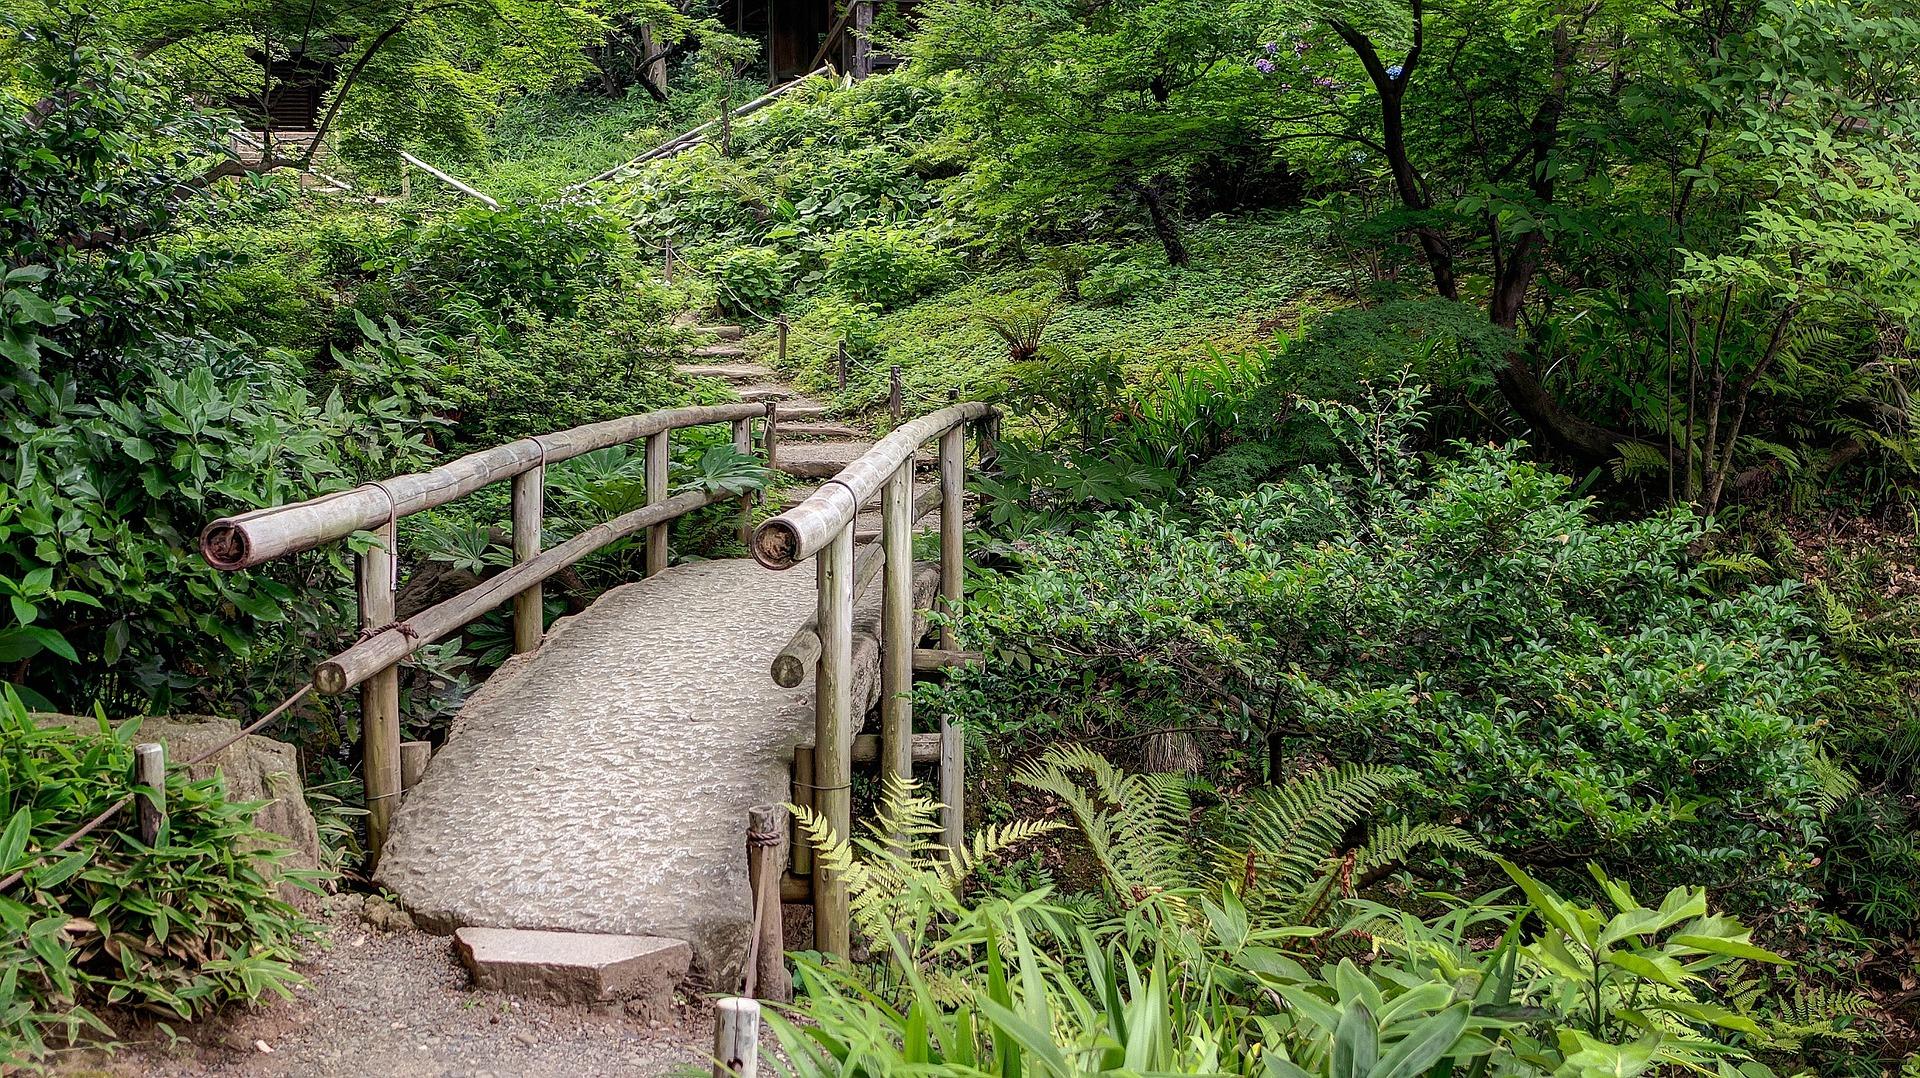 sankeien-gardens-1088419_1920